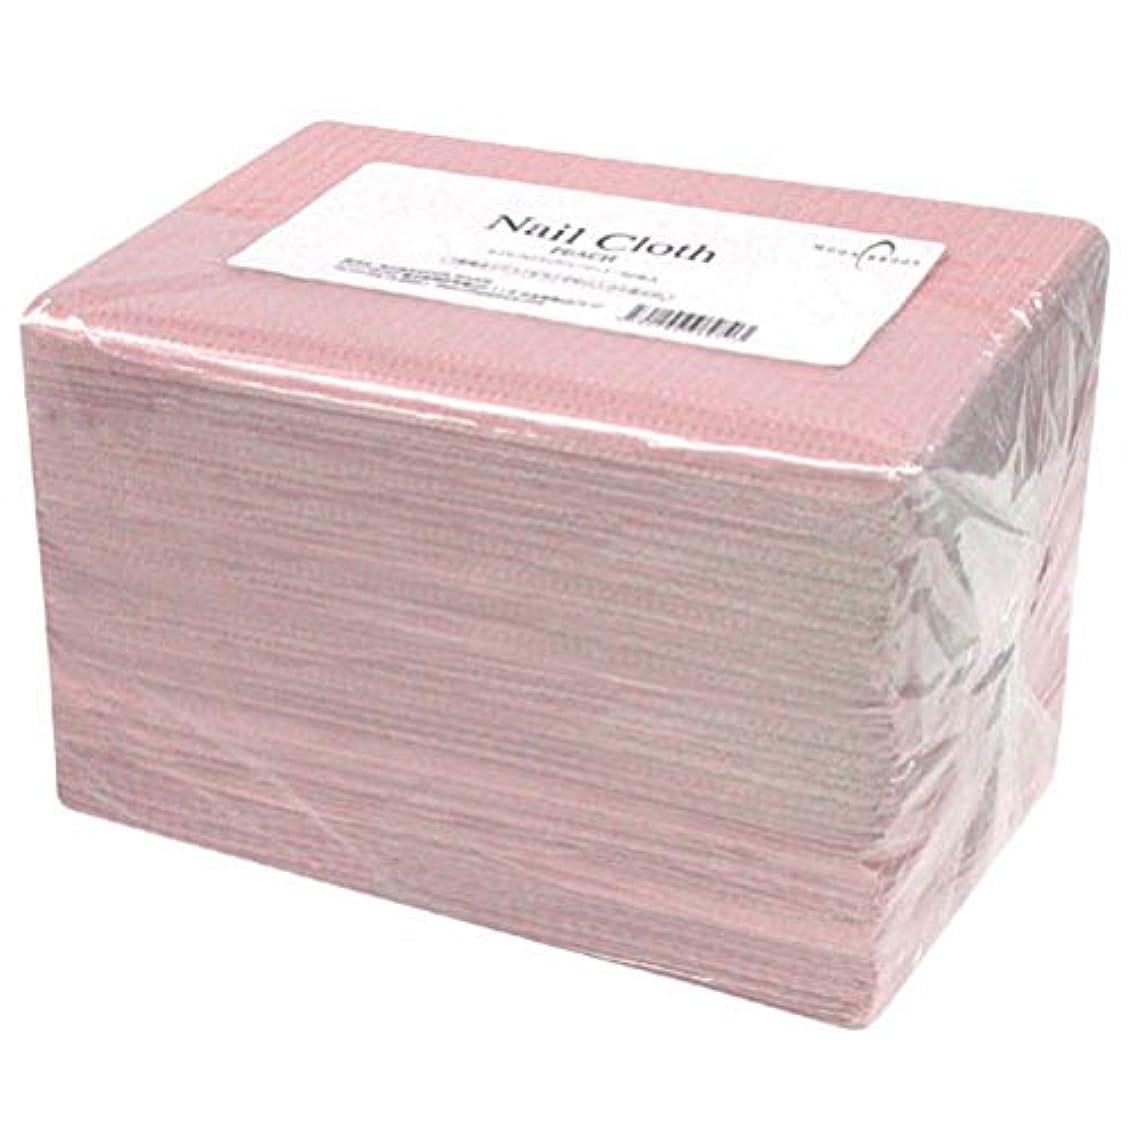 原稿幹鉛Calgel ネイルクロス 50枚 ピーチ